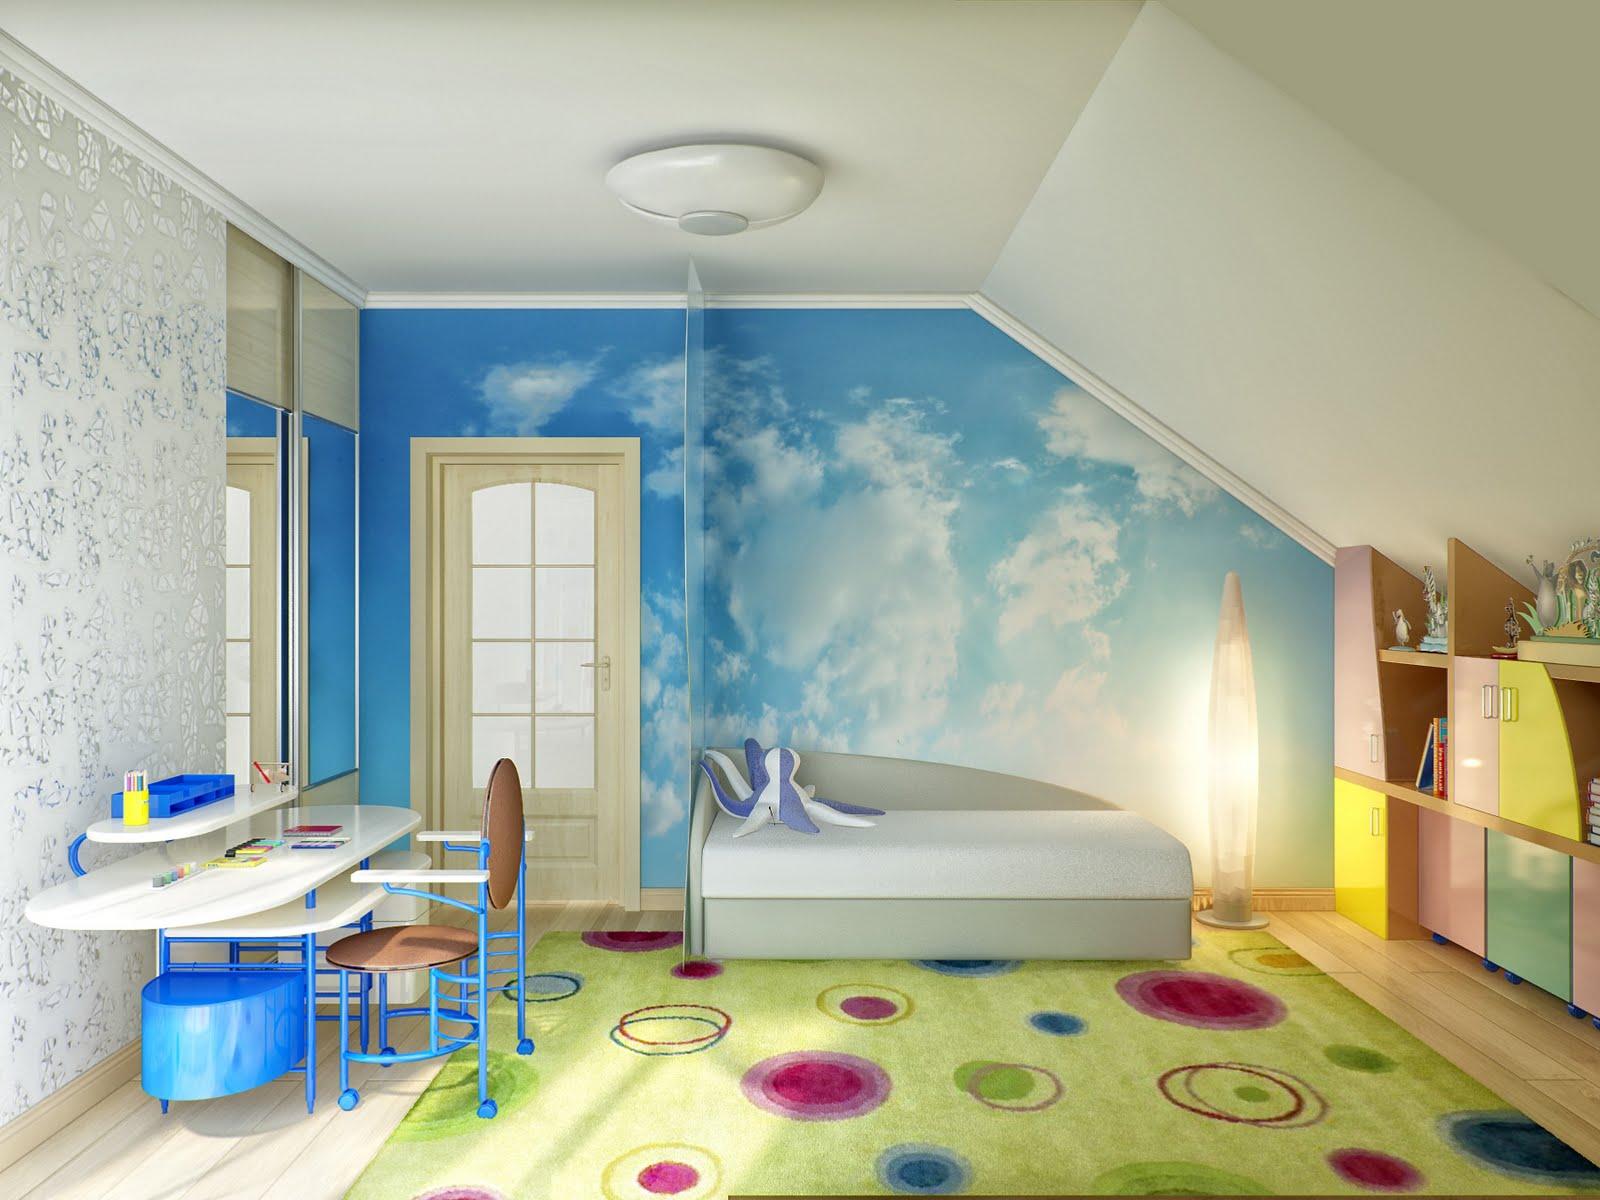 Особенности оформления детской комнаты на мансарде, фото дизайнов интерьера  детской мансардной комнаты для мальчиков иМебель для детской, оборудованной на этаже мансардного типа, отвечает тем же параметрам, что и при оборудовании обычной  детской